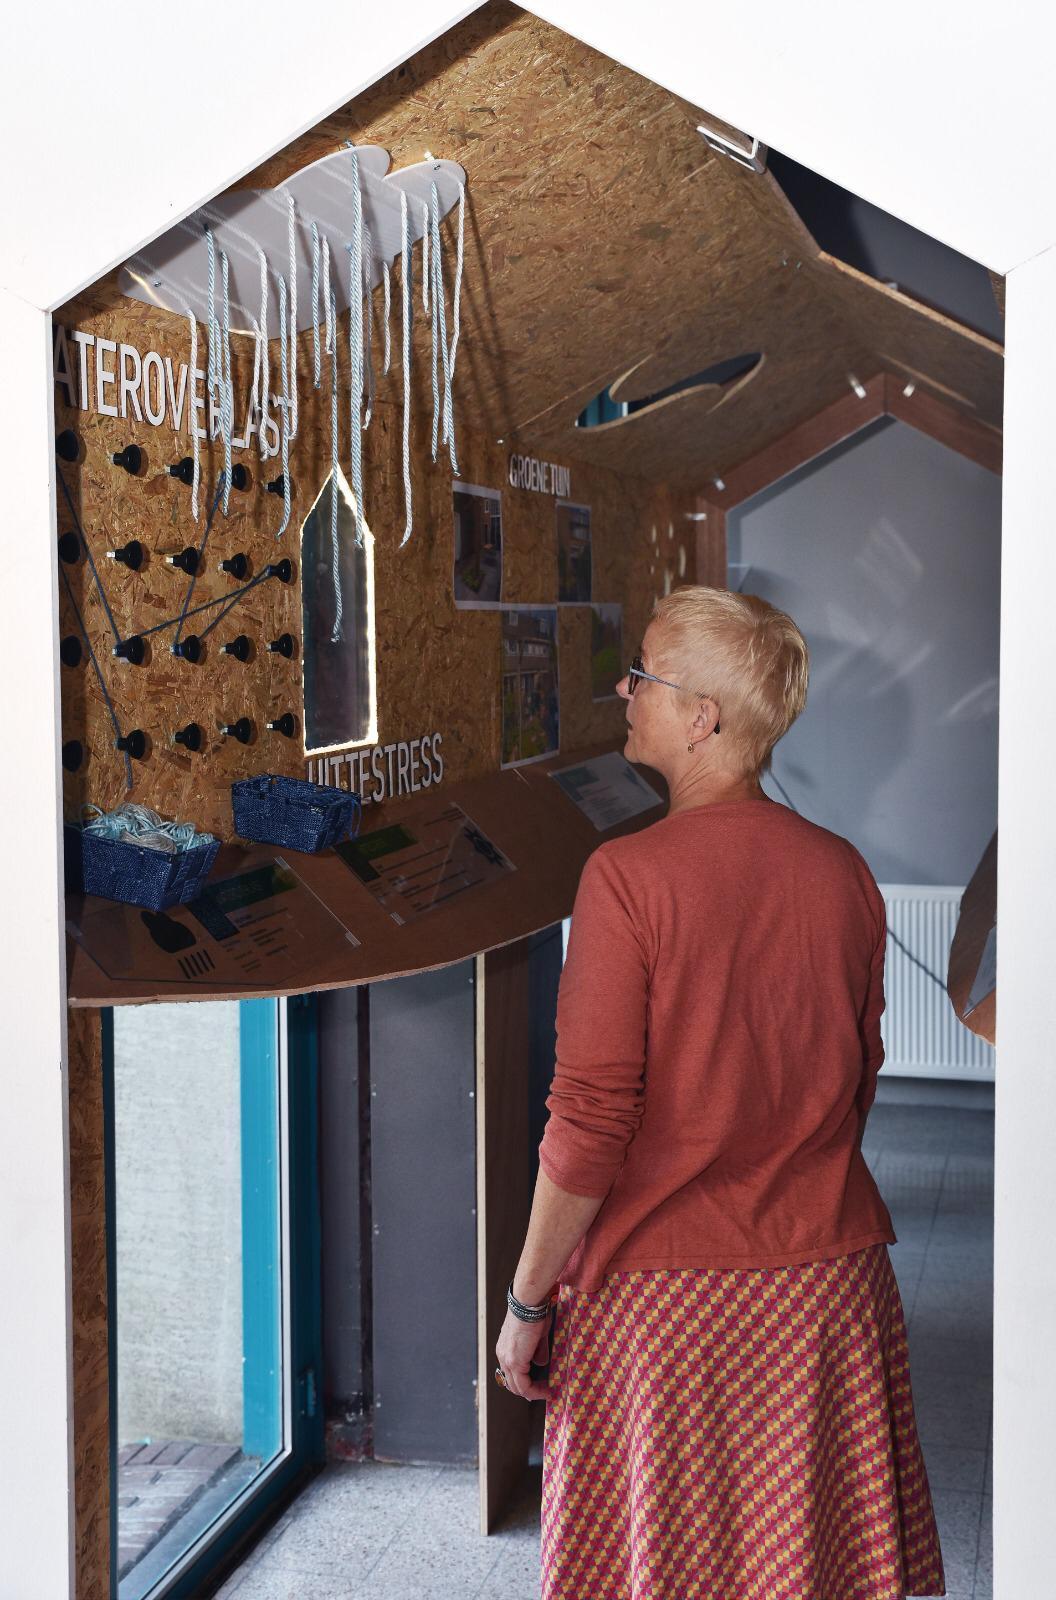 Bewustwording duurzaamheid door interactieve tentoonstelling in Wijklab Kersenboogerd